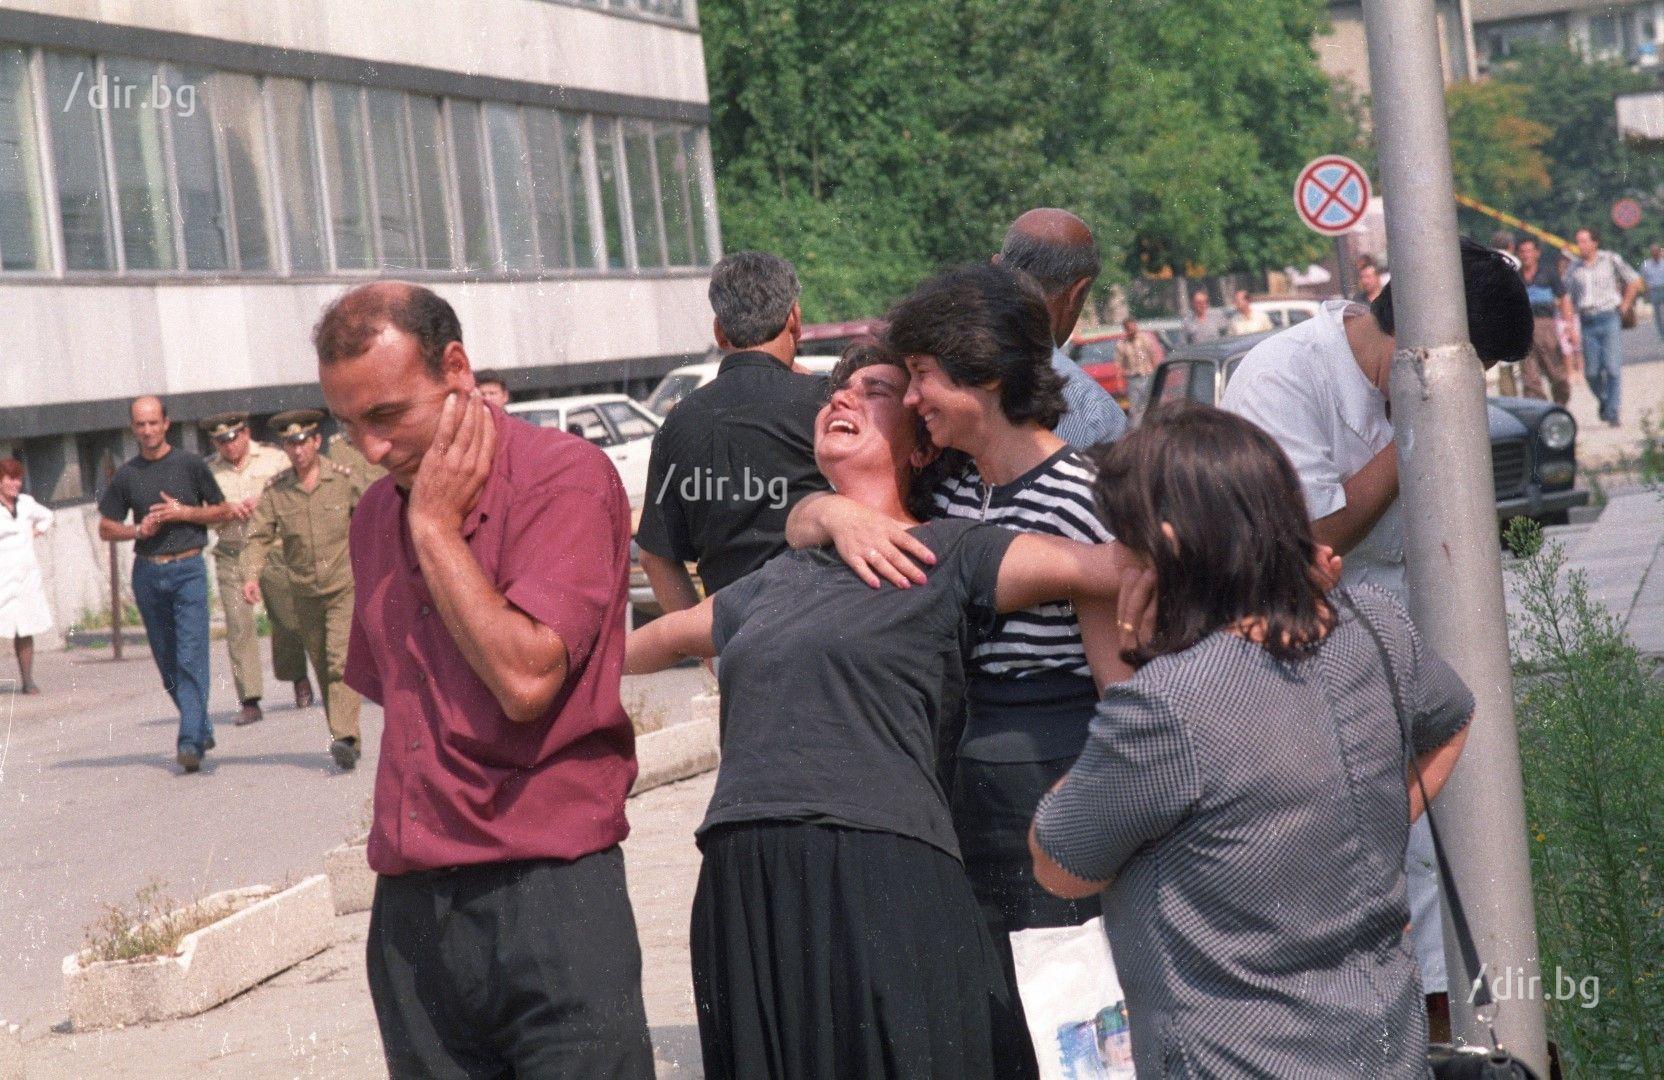 Смазаните от скръб роднини на жертвите плачат безутешно пред ВМА, където трябва да разпознаят овъглените си деца.